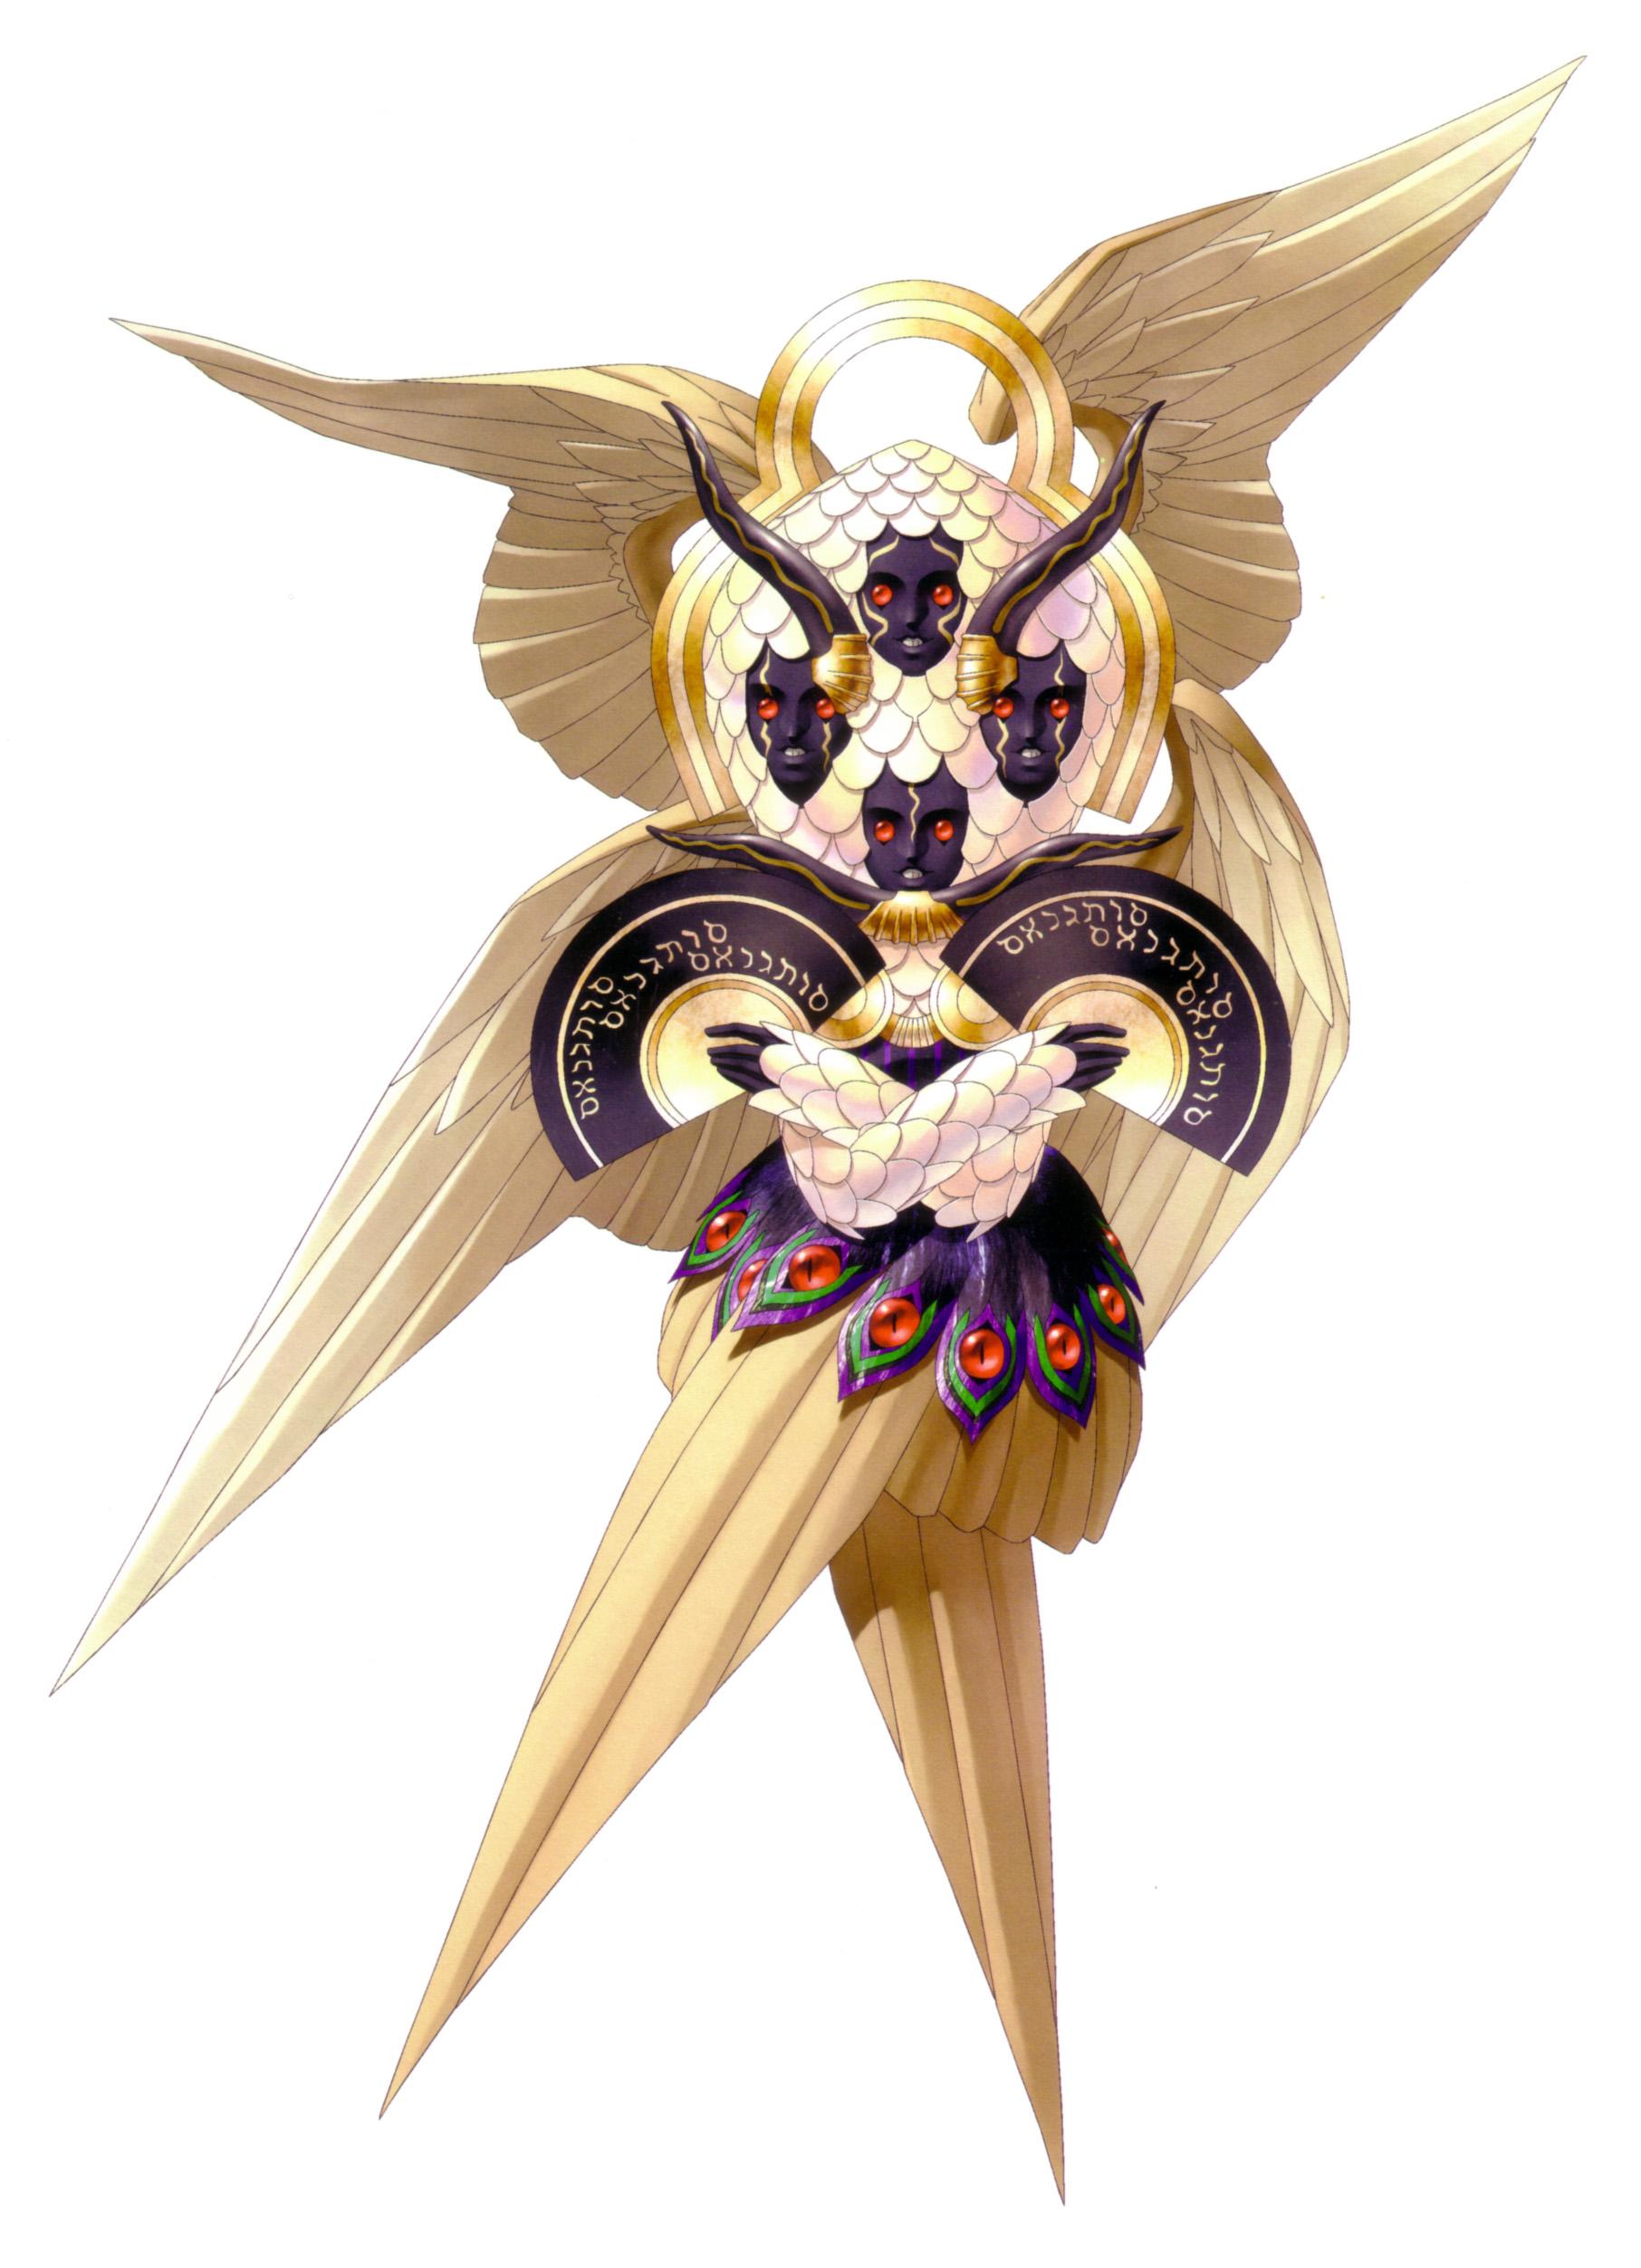 Seraph (demon)